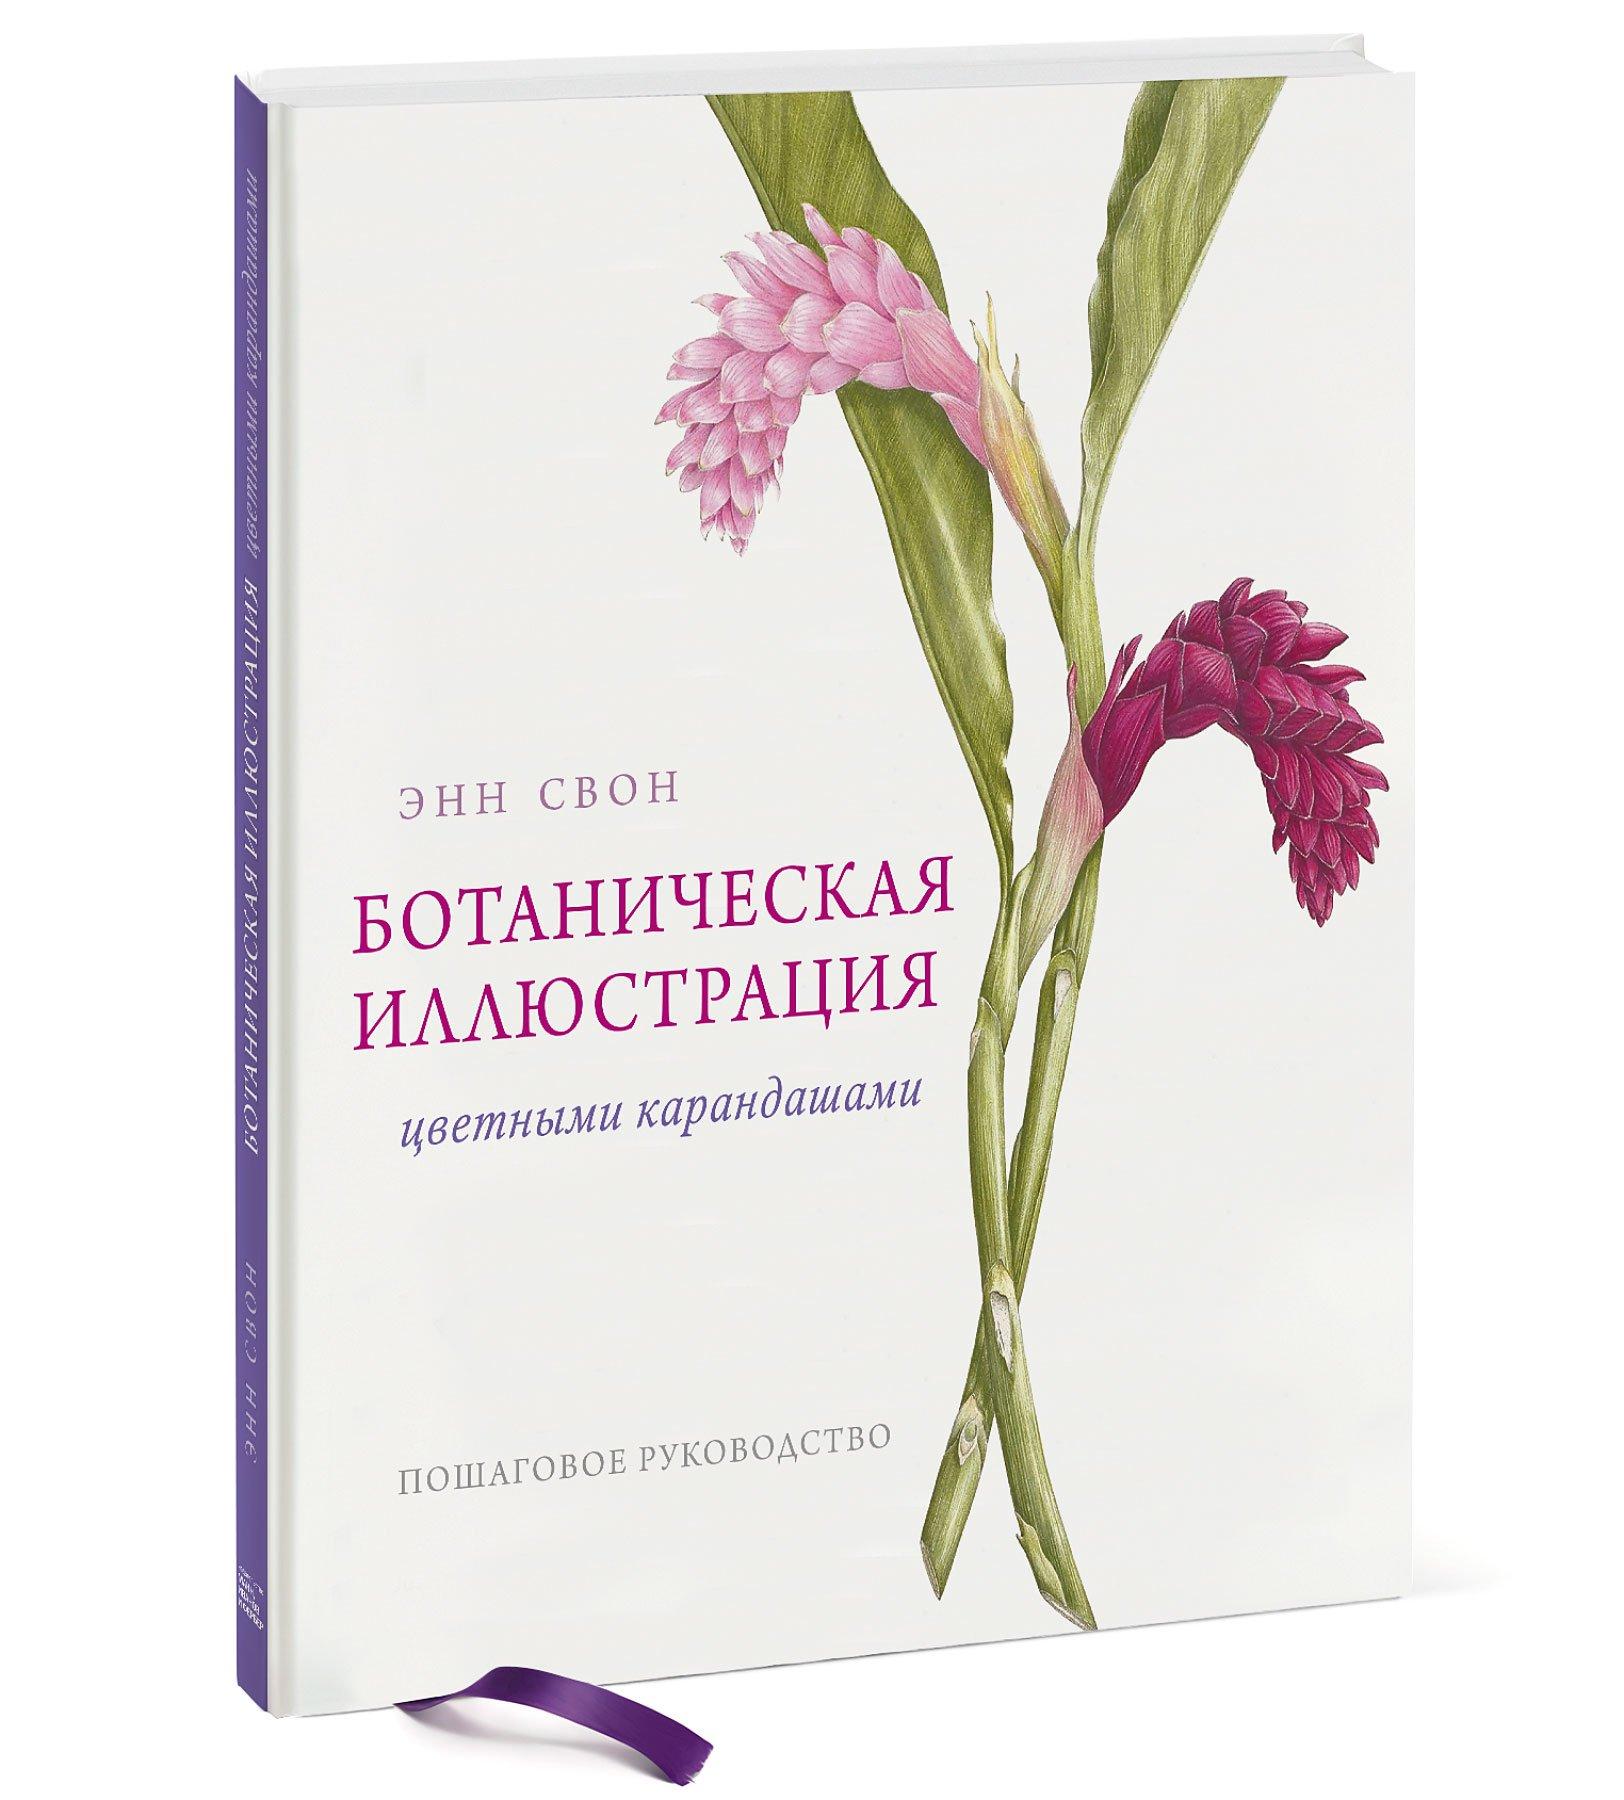 цена на Энн Свон Ботаническая иллюстрация цветными карандашами. Пошаговое руководство